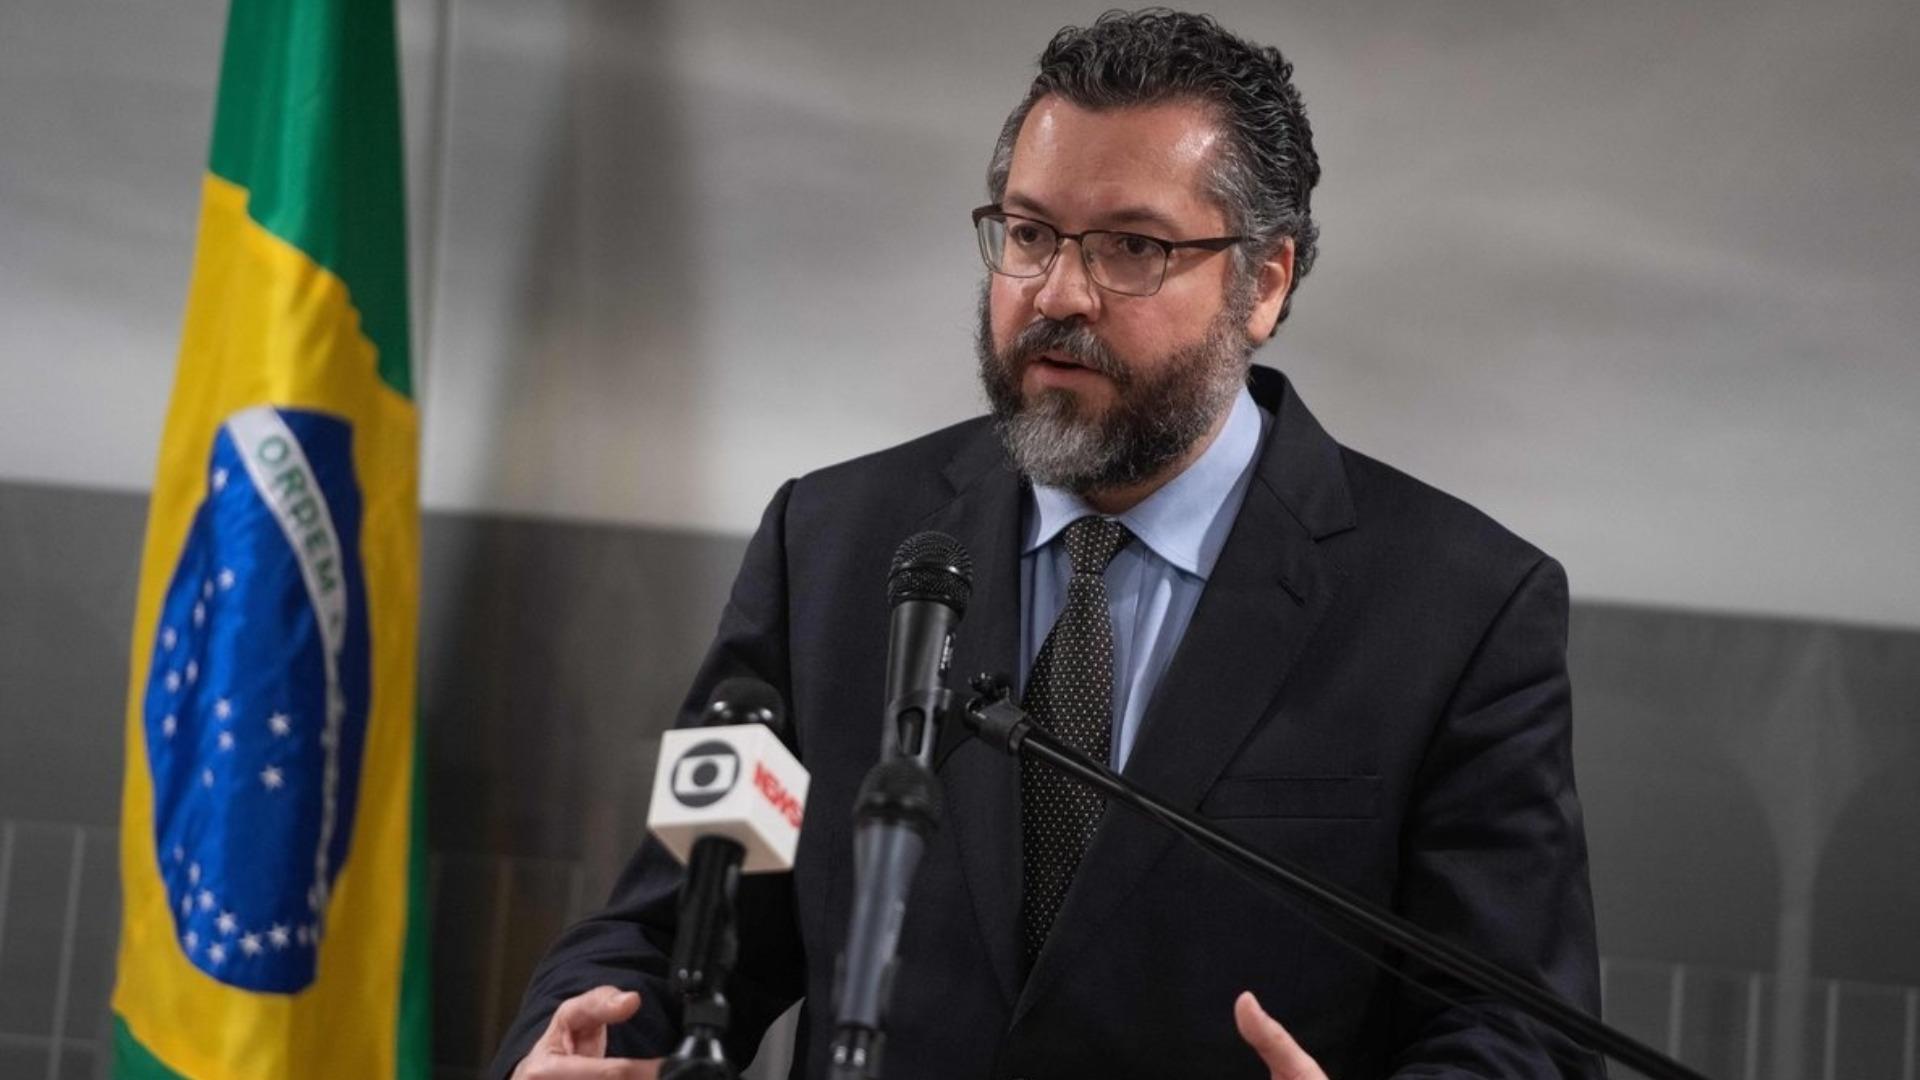 Brasil abandona la Celac por apoyar a Venezuela, Cuba y Nicaragua